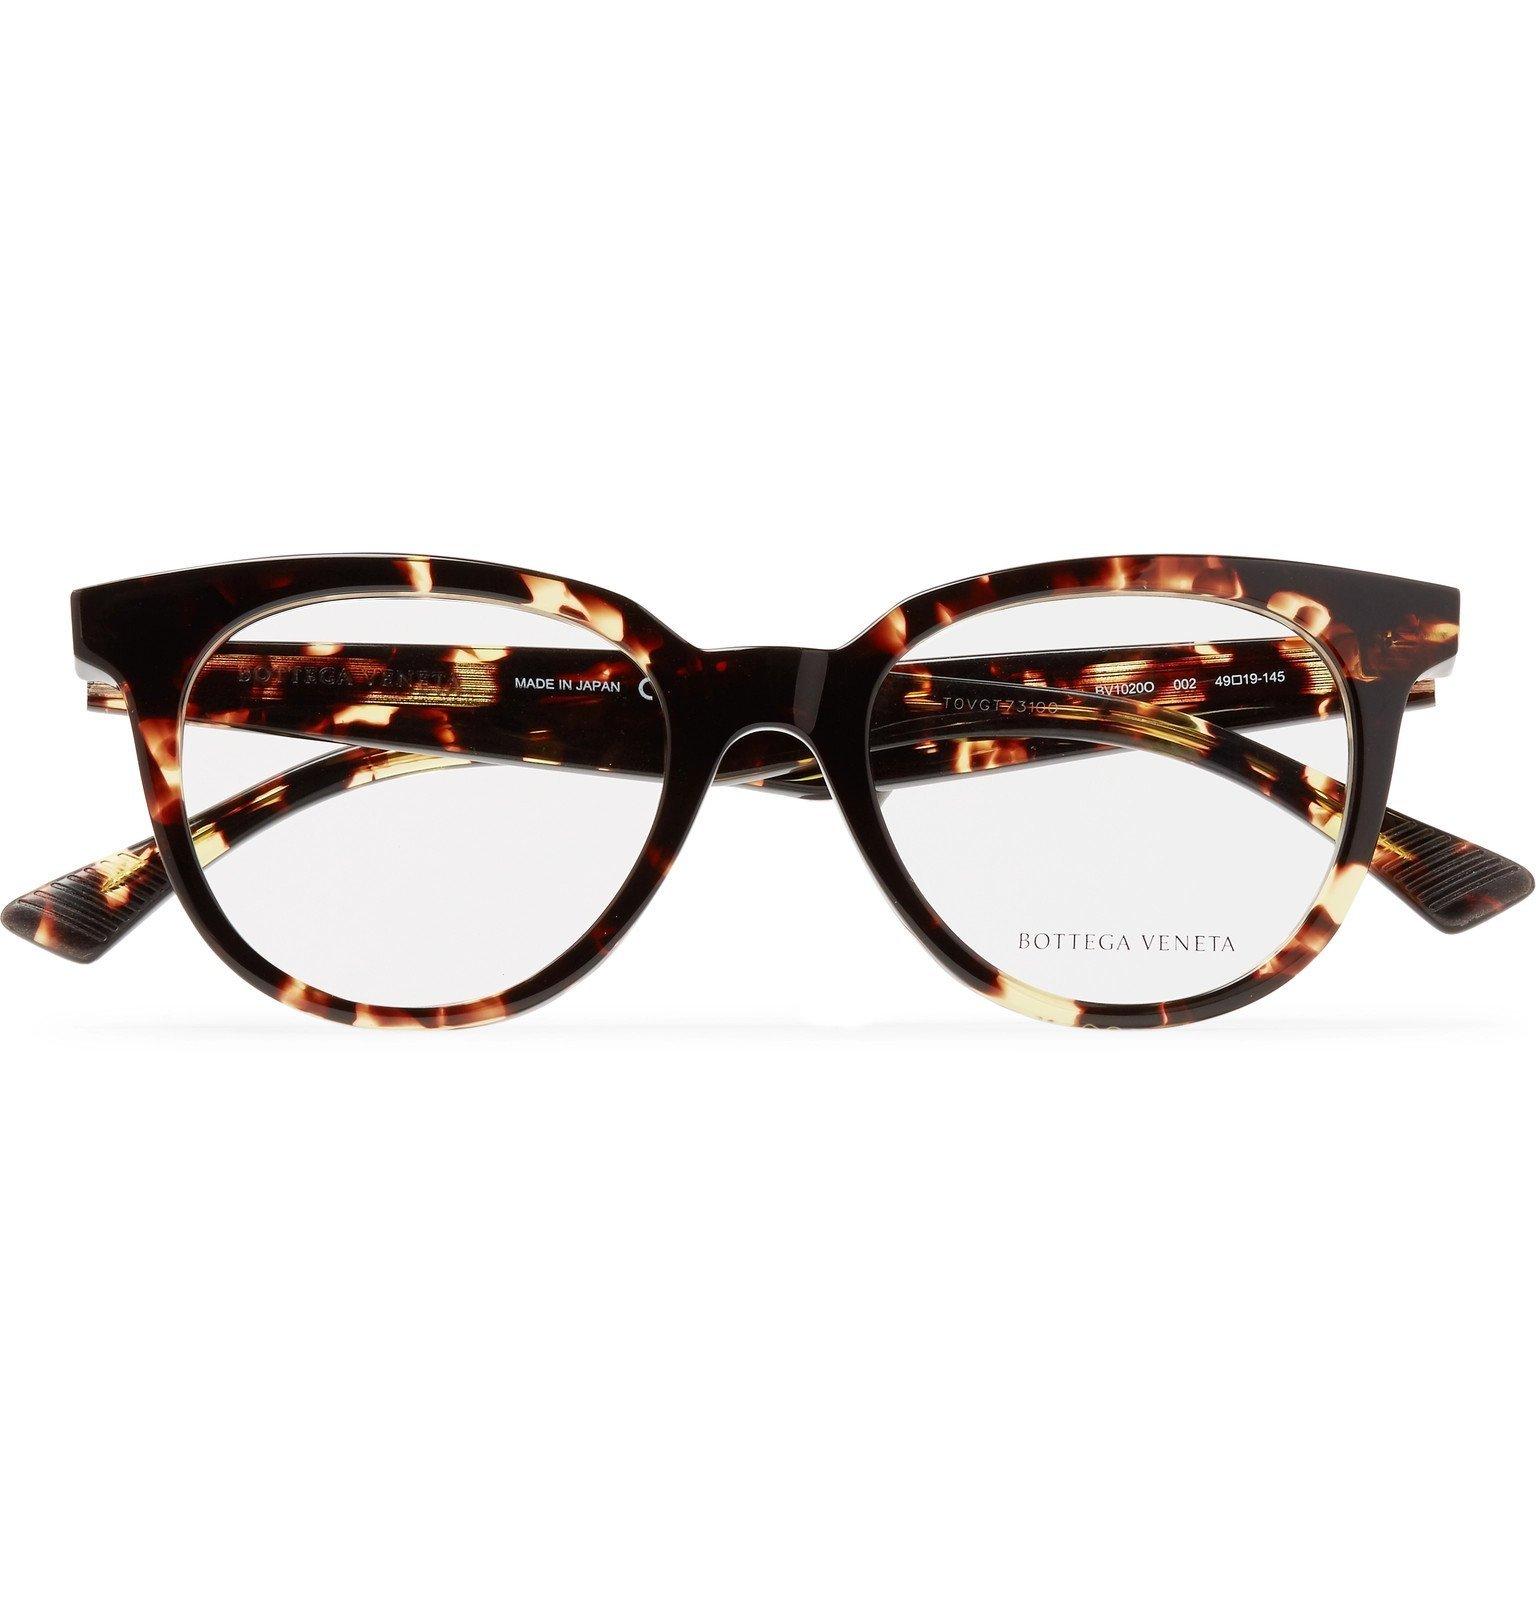 Photo: Bottega Veneta - D-Frame Tortoiseshell Acetate Optical Glasses - Tortoiseshell